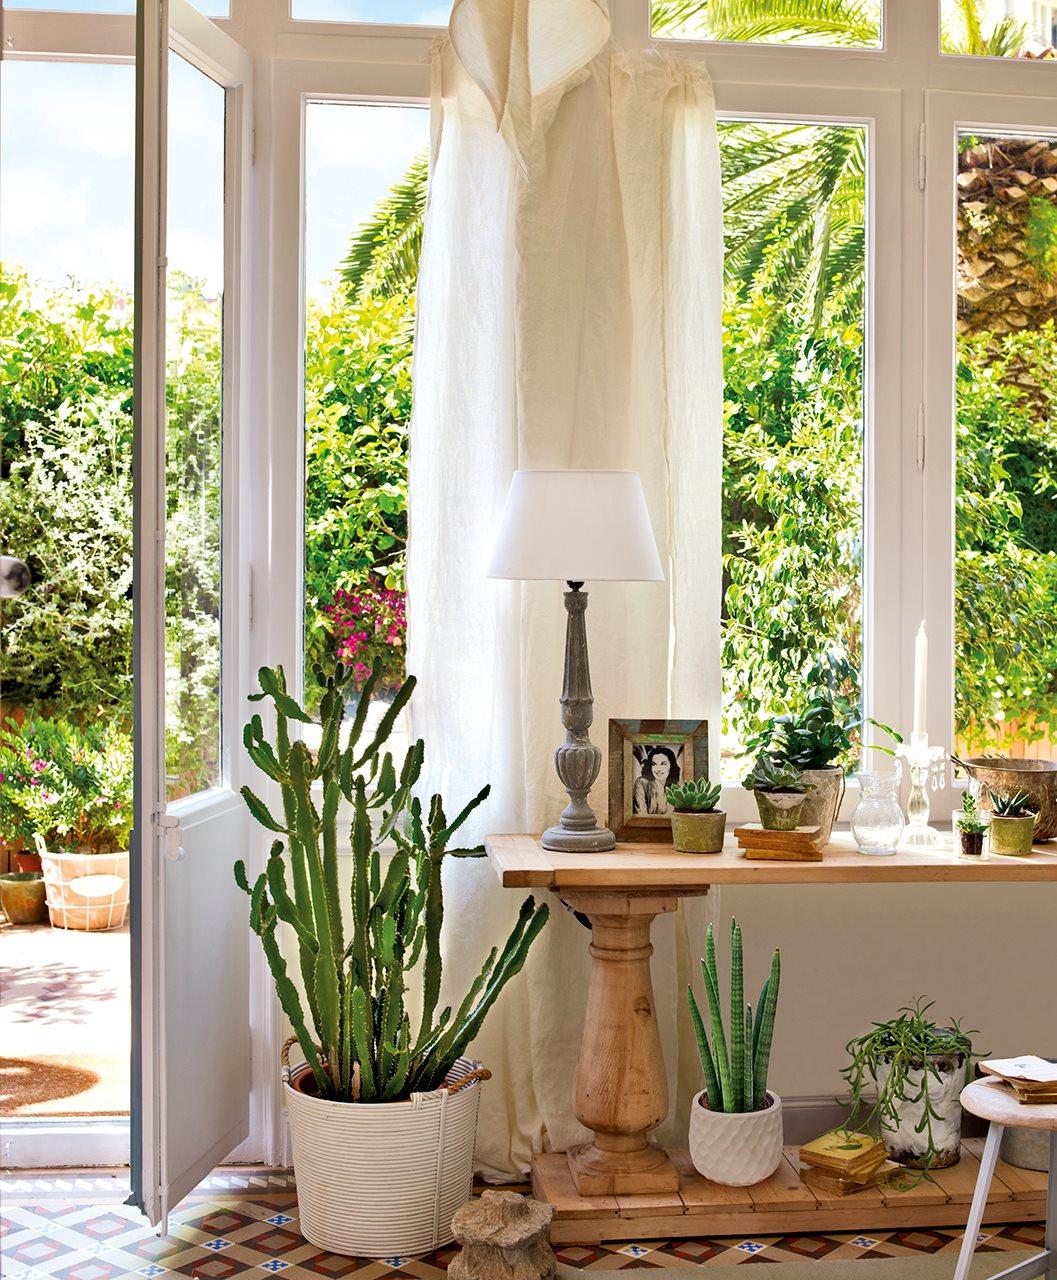 Plantas f ciles de cuidar for Cactus cuidados exterior